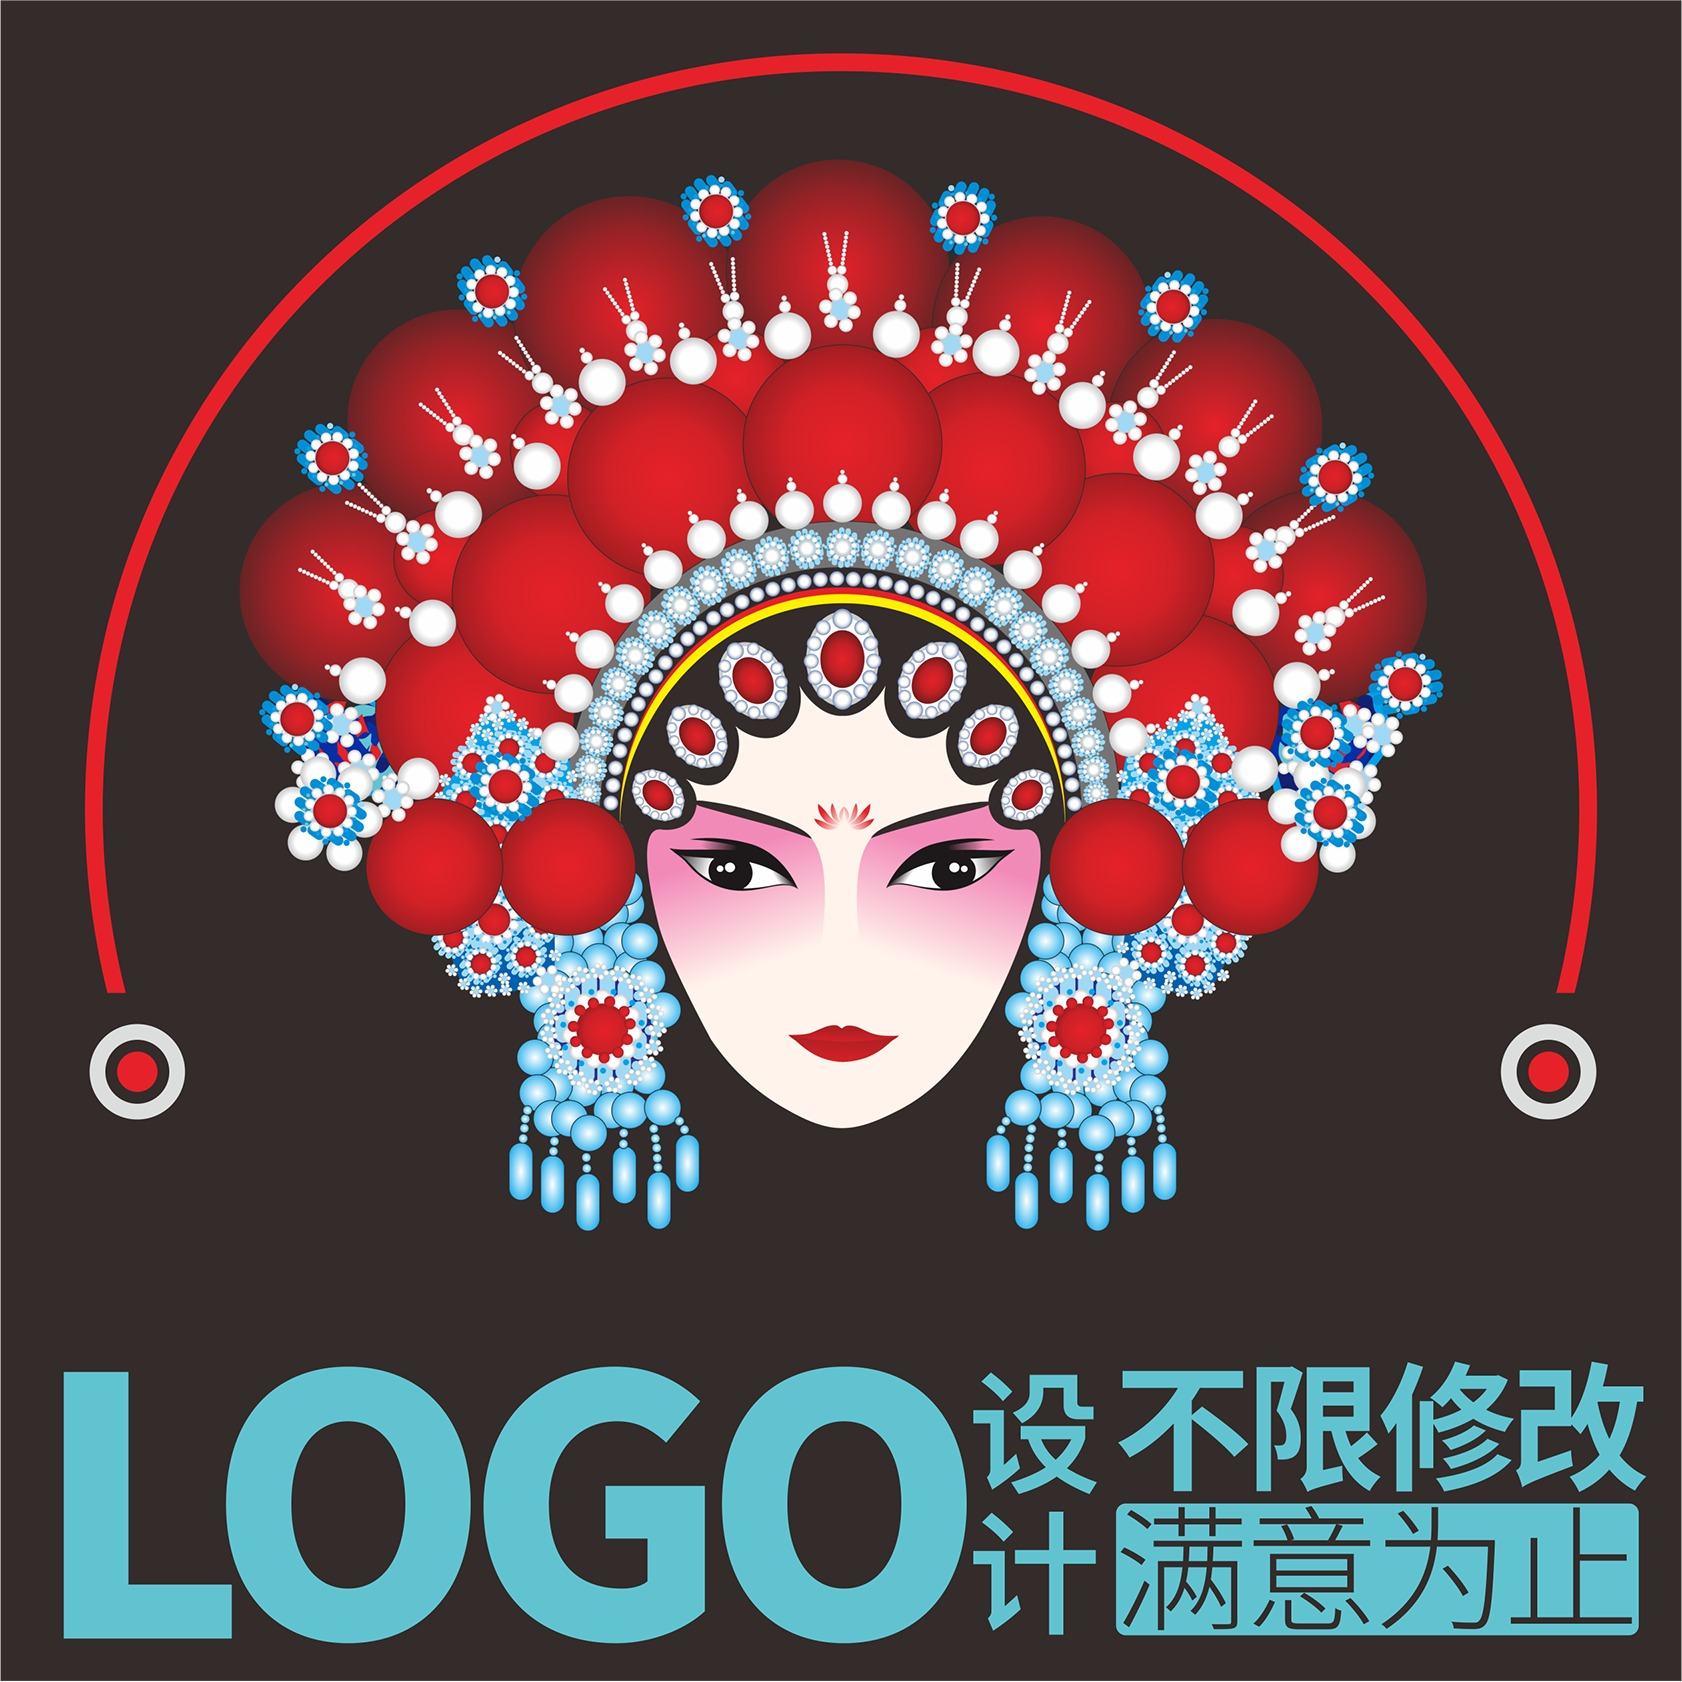 卡通logo设计企业形象商标设计集团公司logo设计店面lo